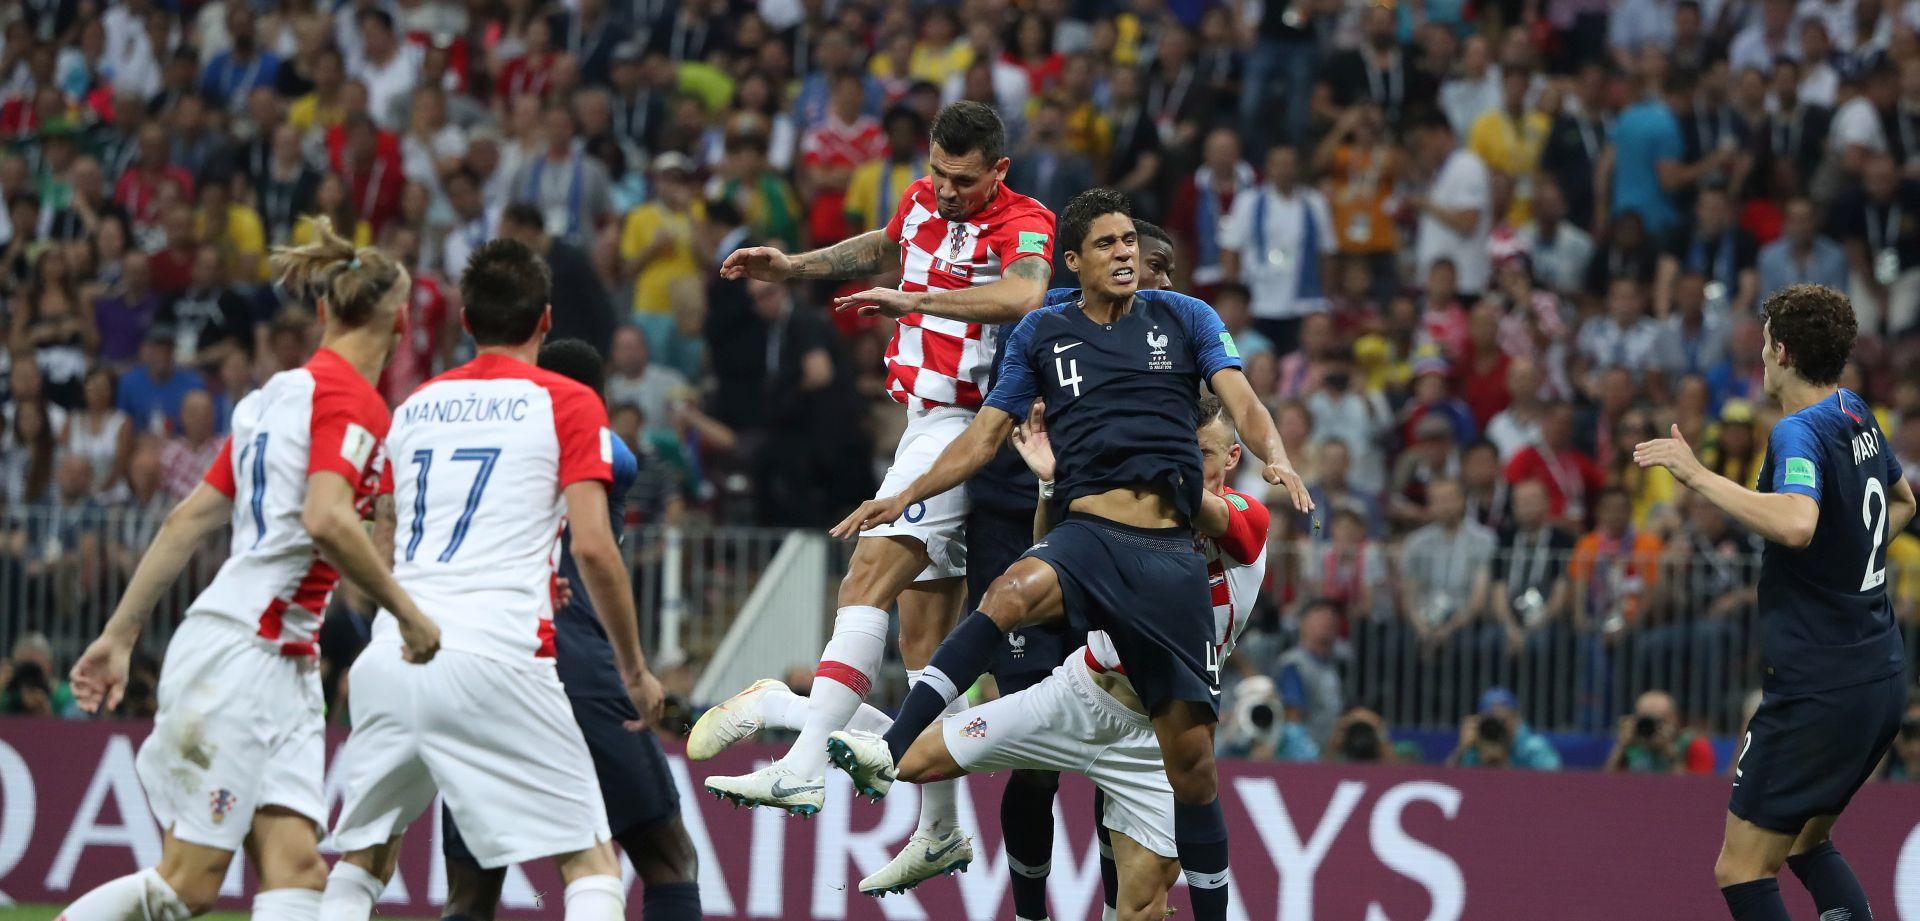 BIH MEDIJI Spektakularno finale i povijesni uspjeh hrvatskih nogometaša